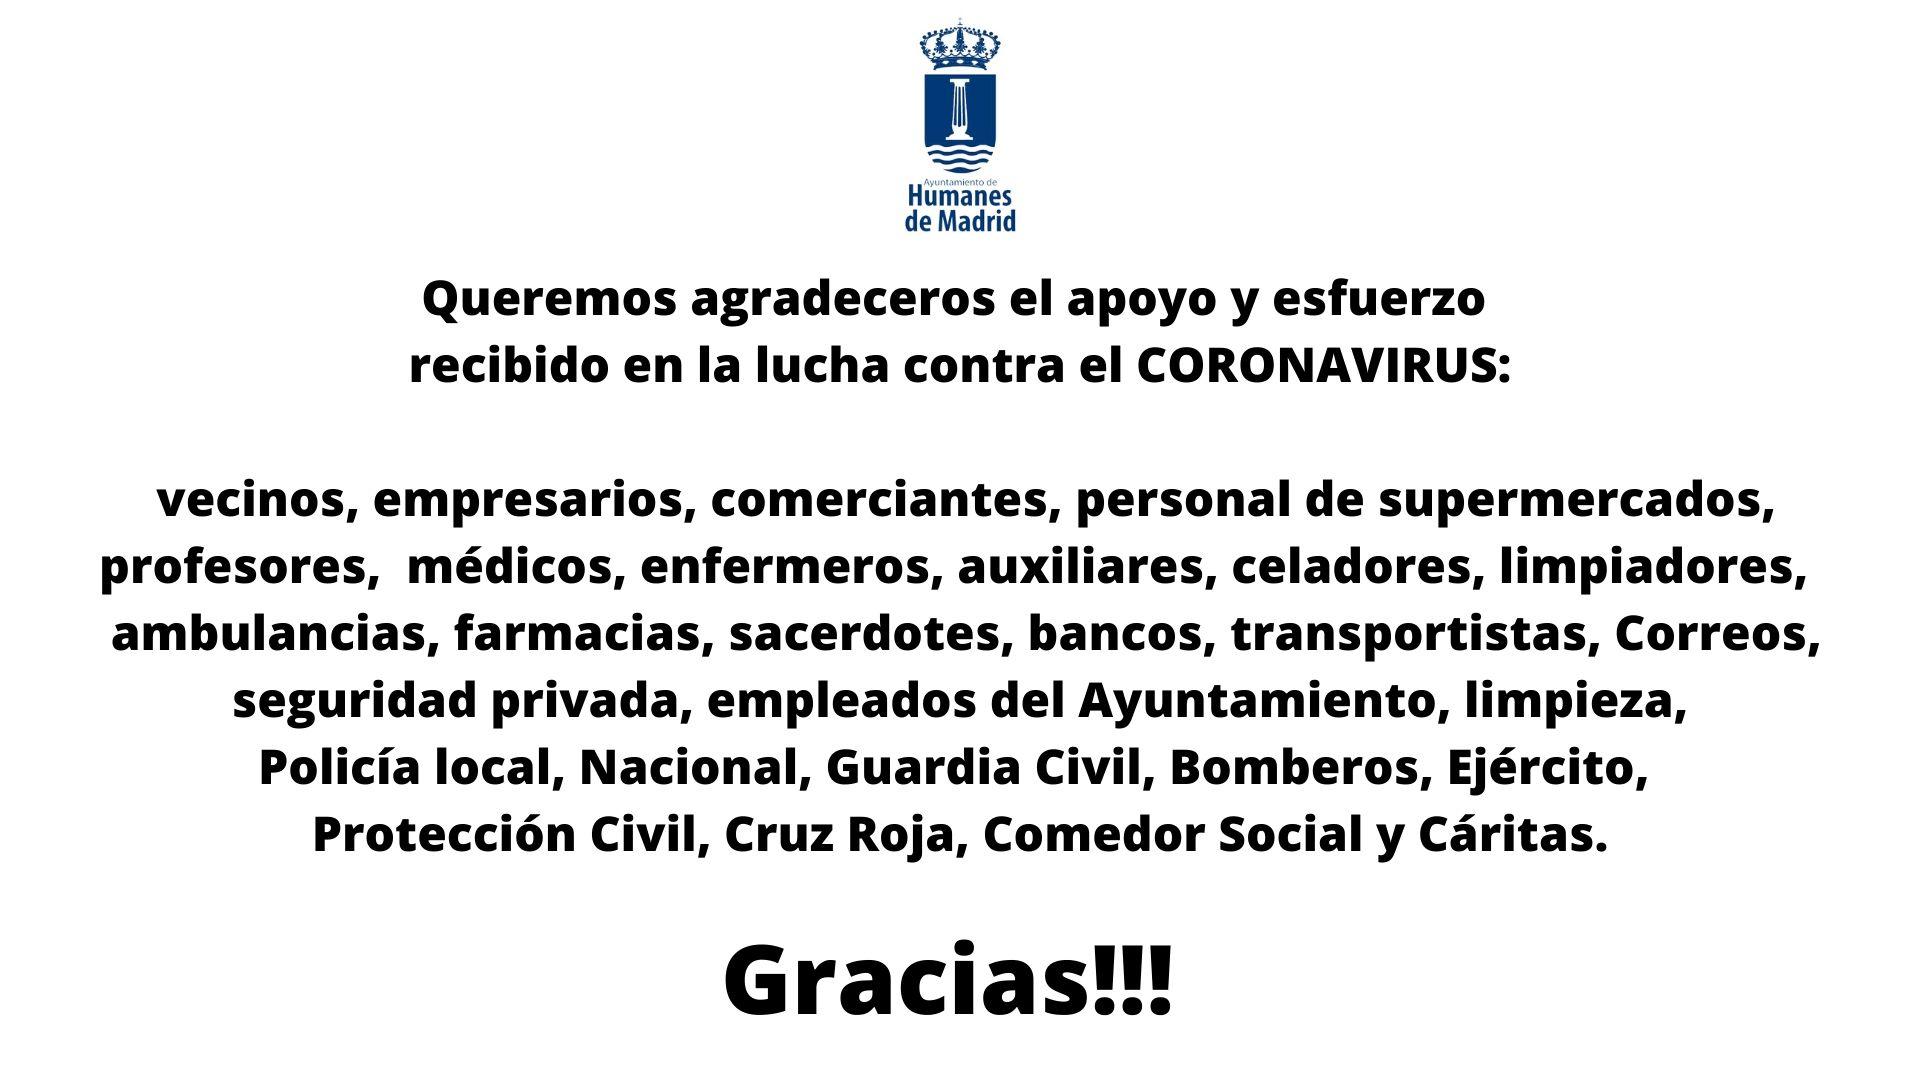 Gracias al apoyo y esfuerzo recibido en la lucha contra el Coronavirus